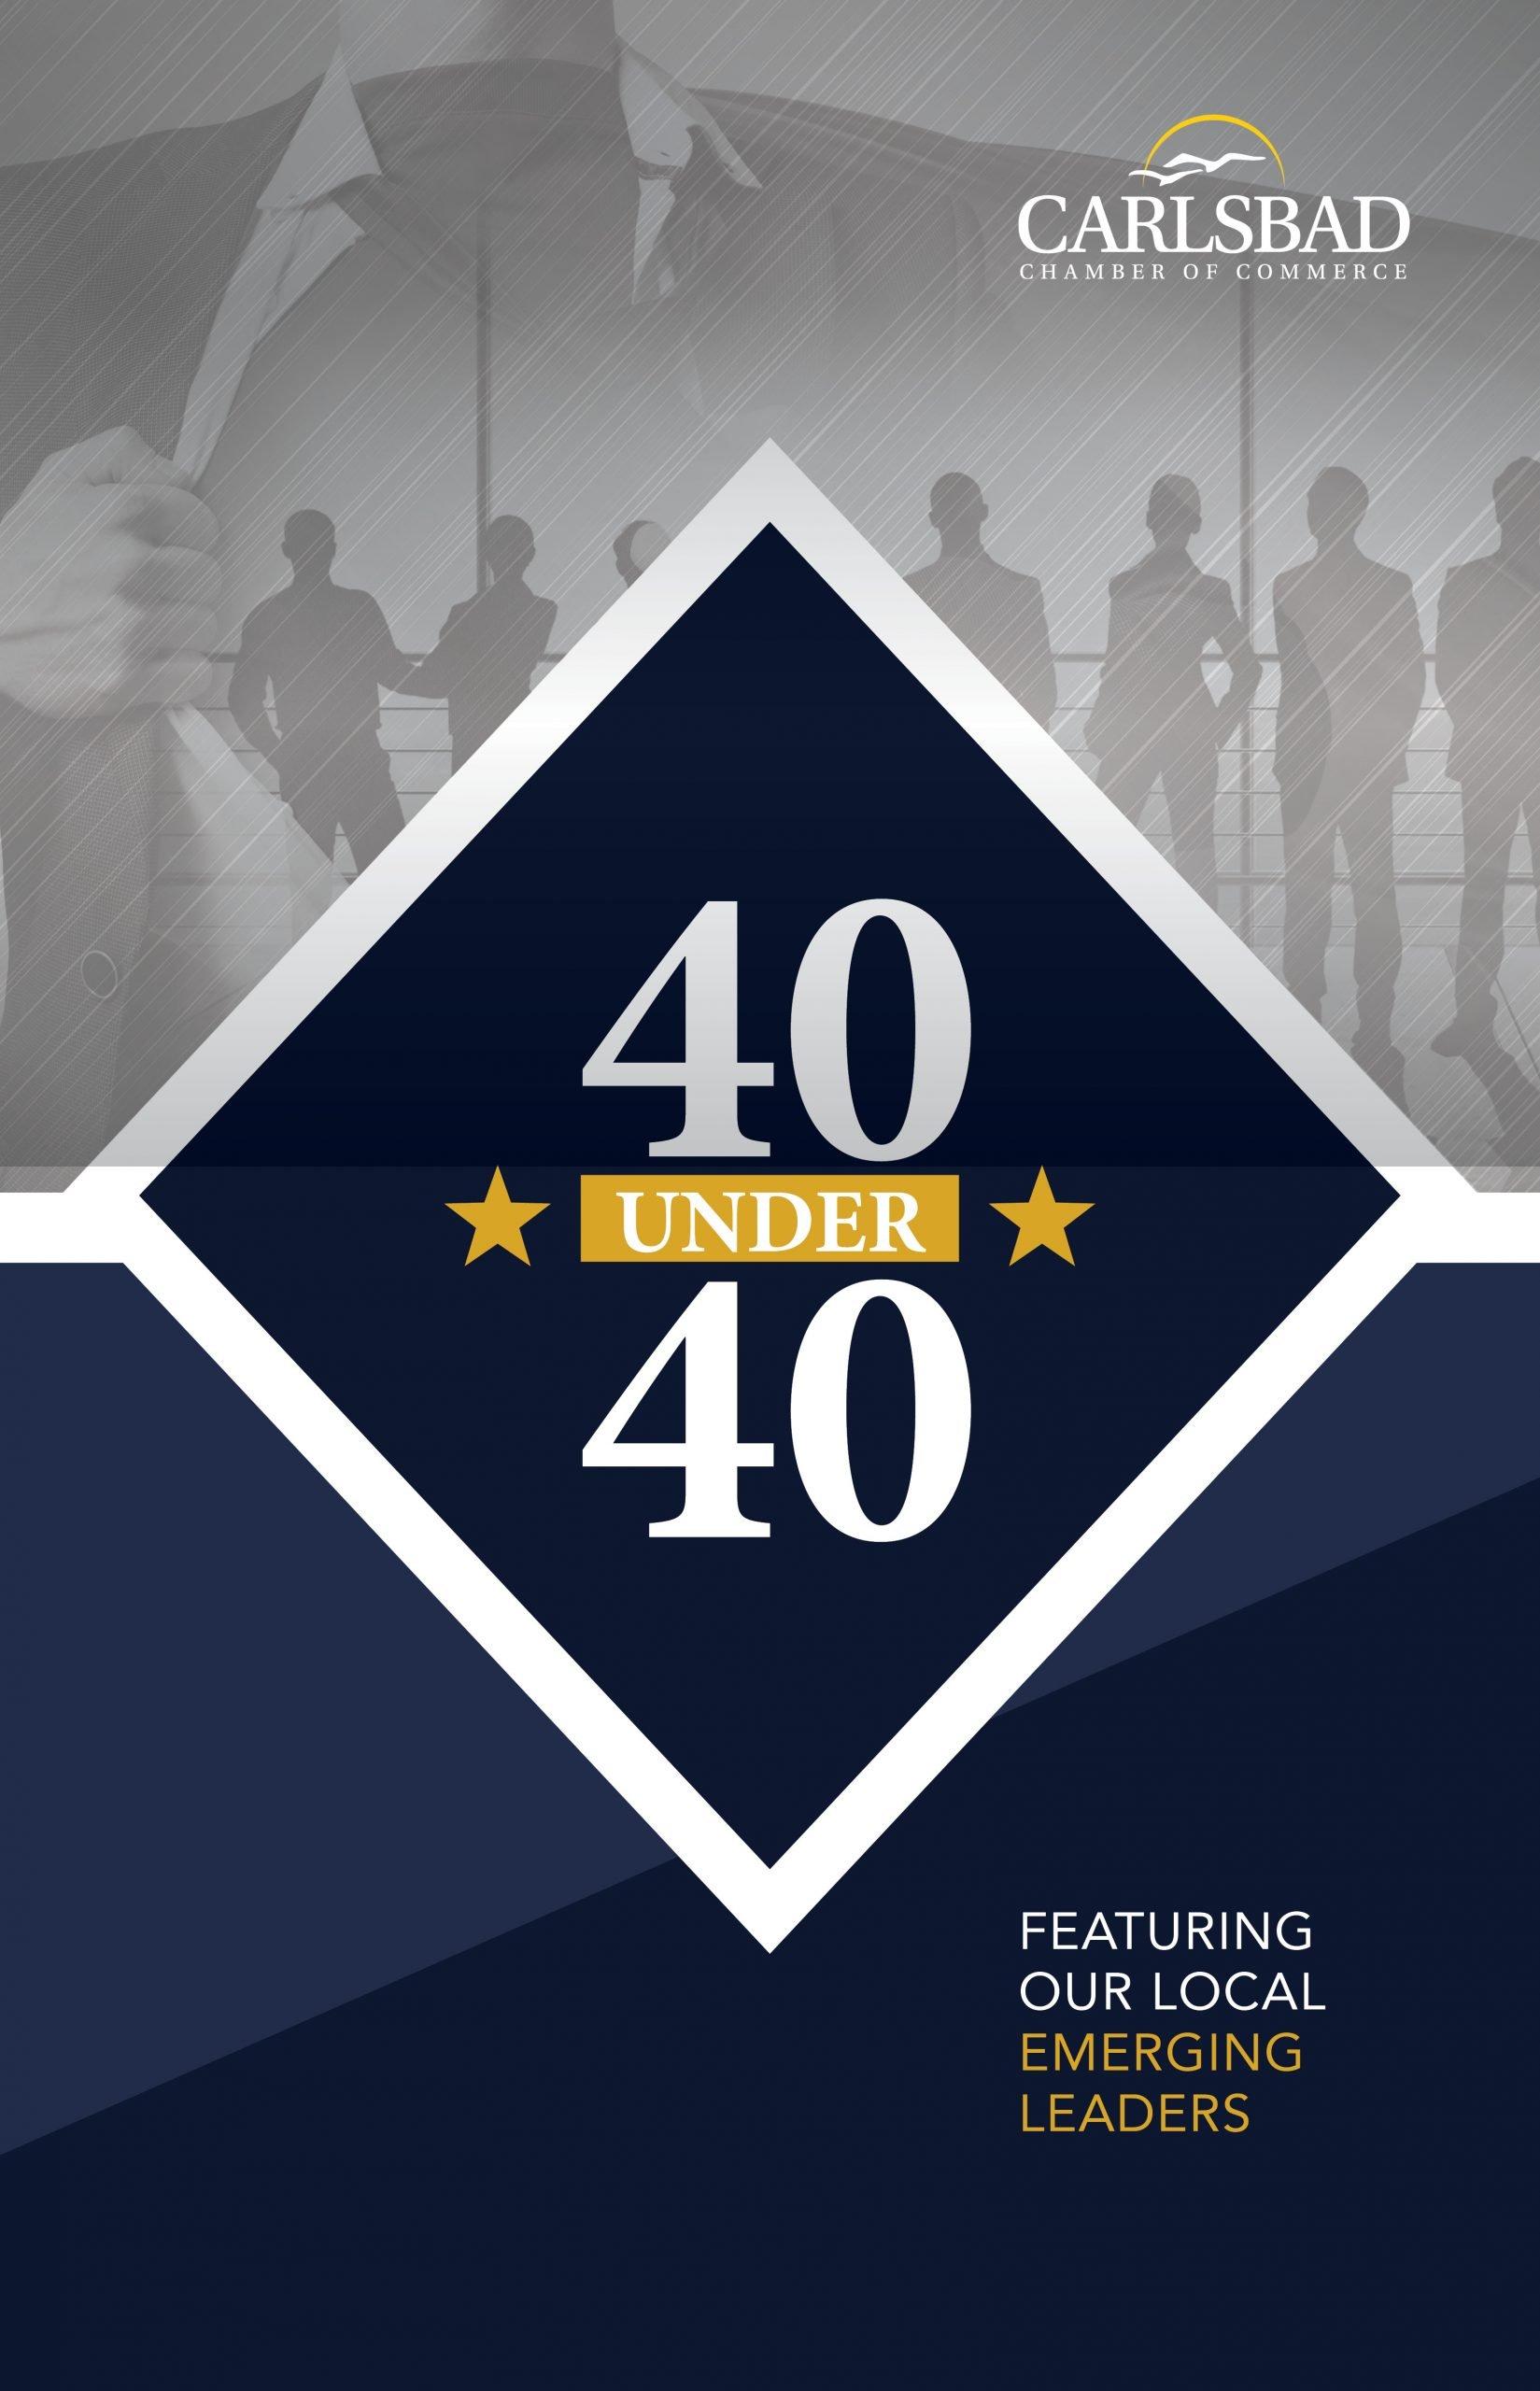 CBJ 40 Under 40